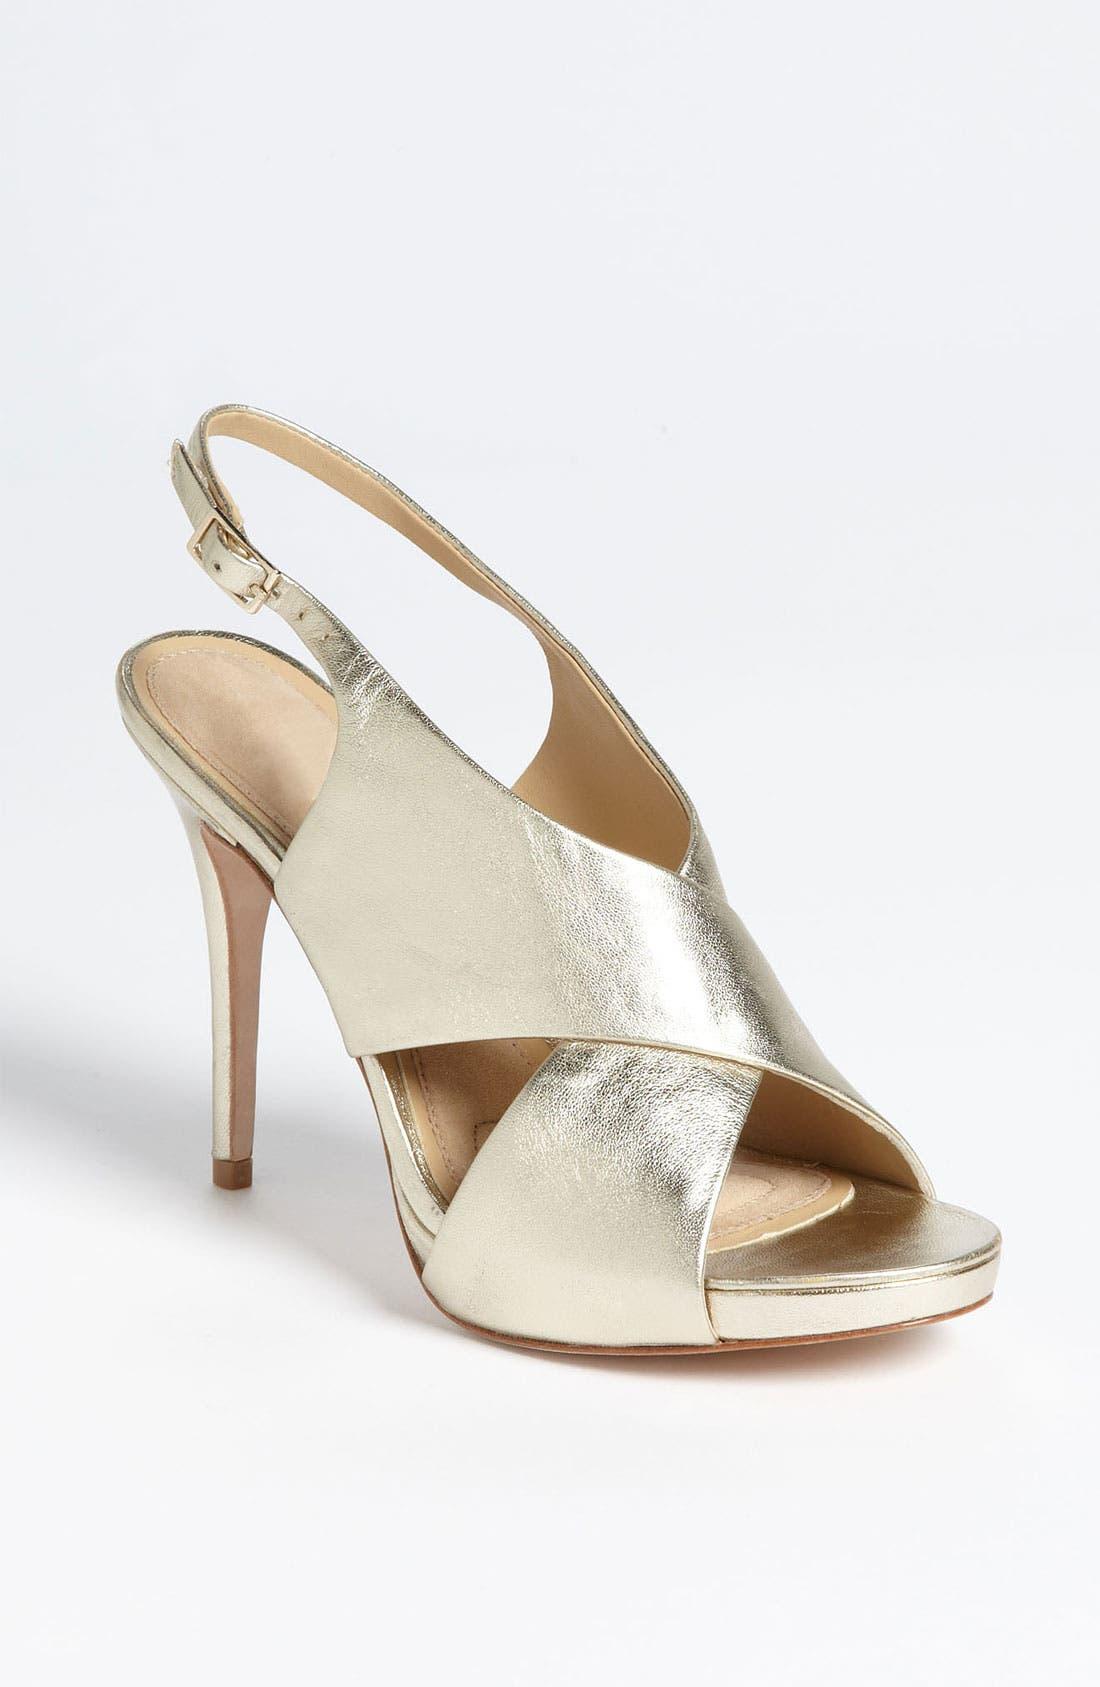 Alternate Image 1 Selected - Diane von Furstenberg 'Vada' Sandal (Online Only)